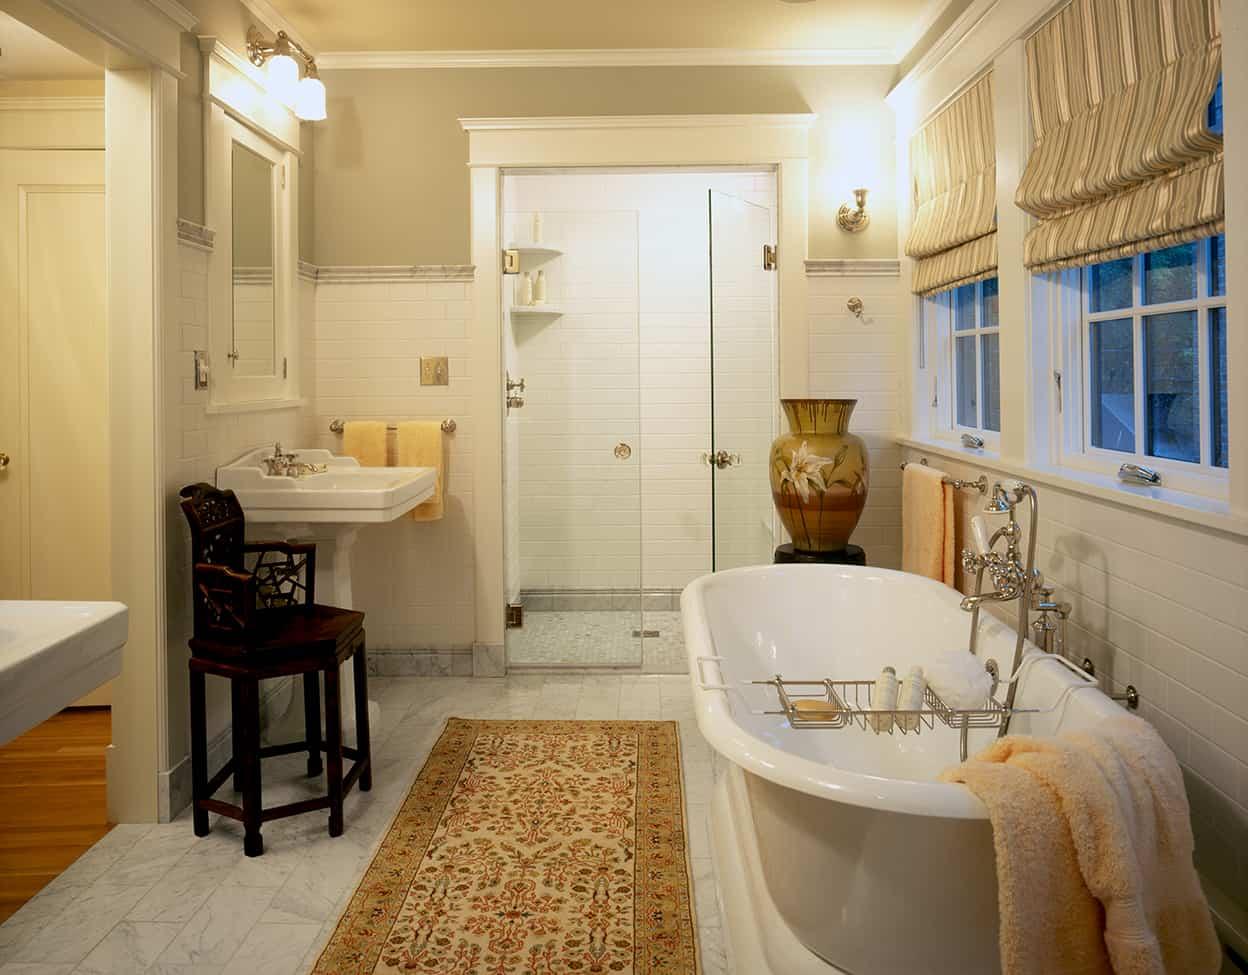 Tudor interior design affordable traditional tudor house for Tudor bathroom ideas